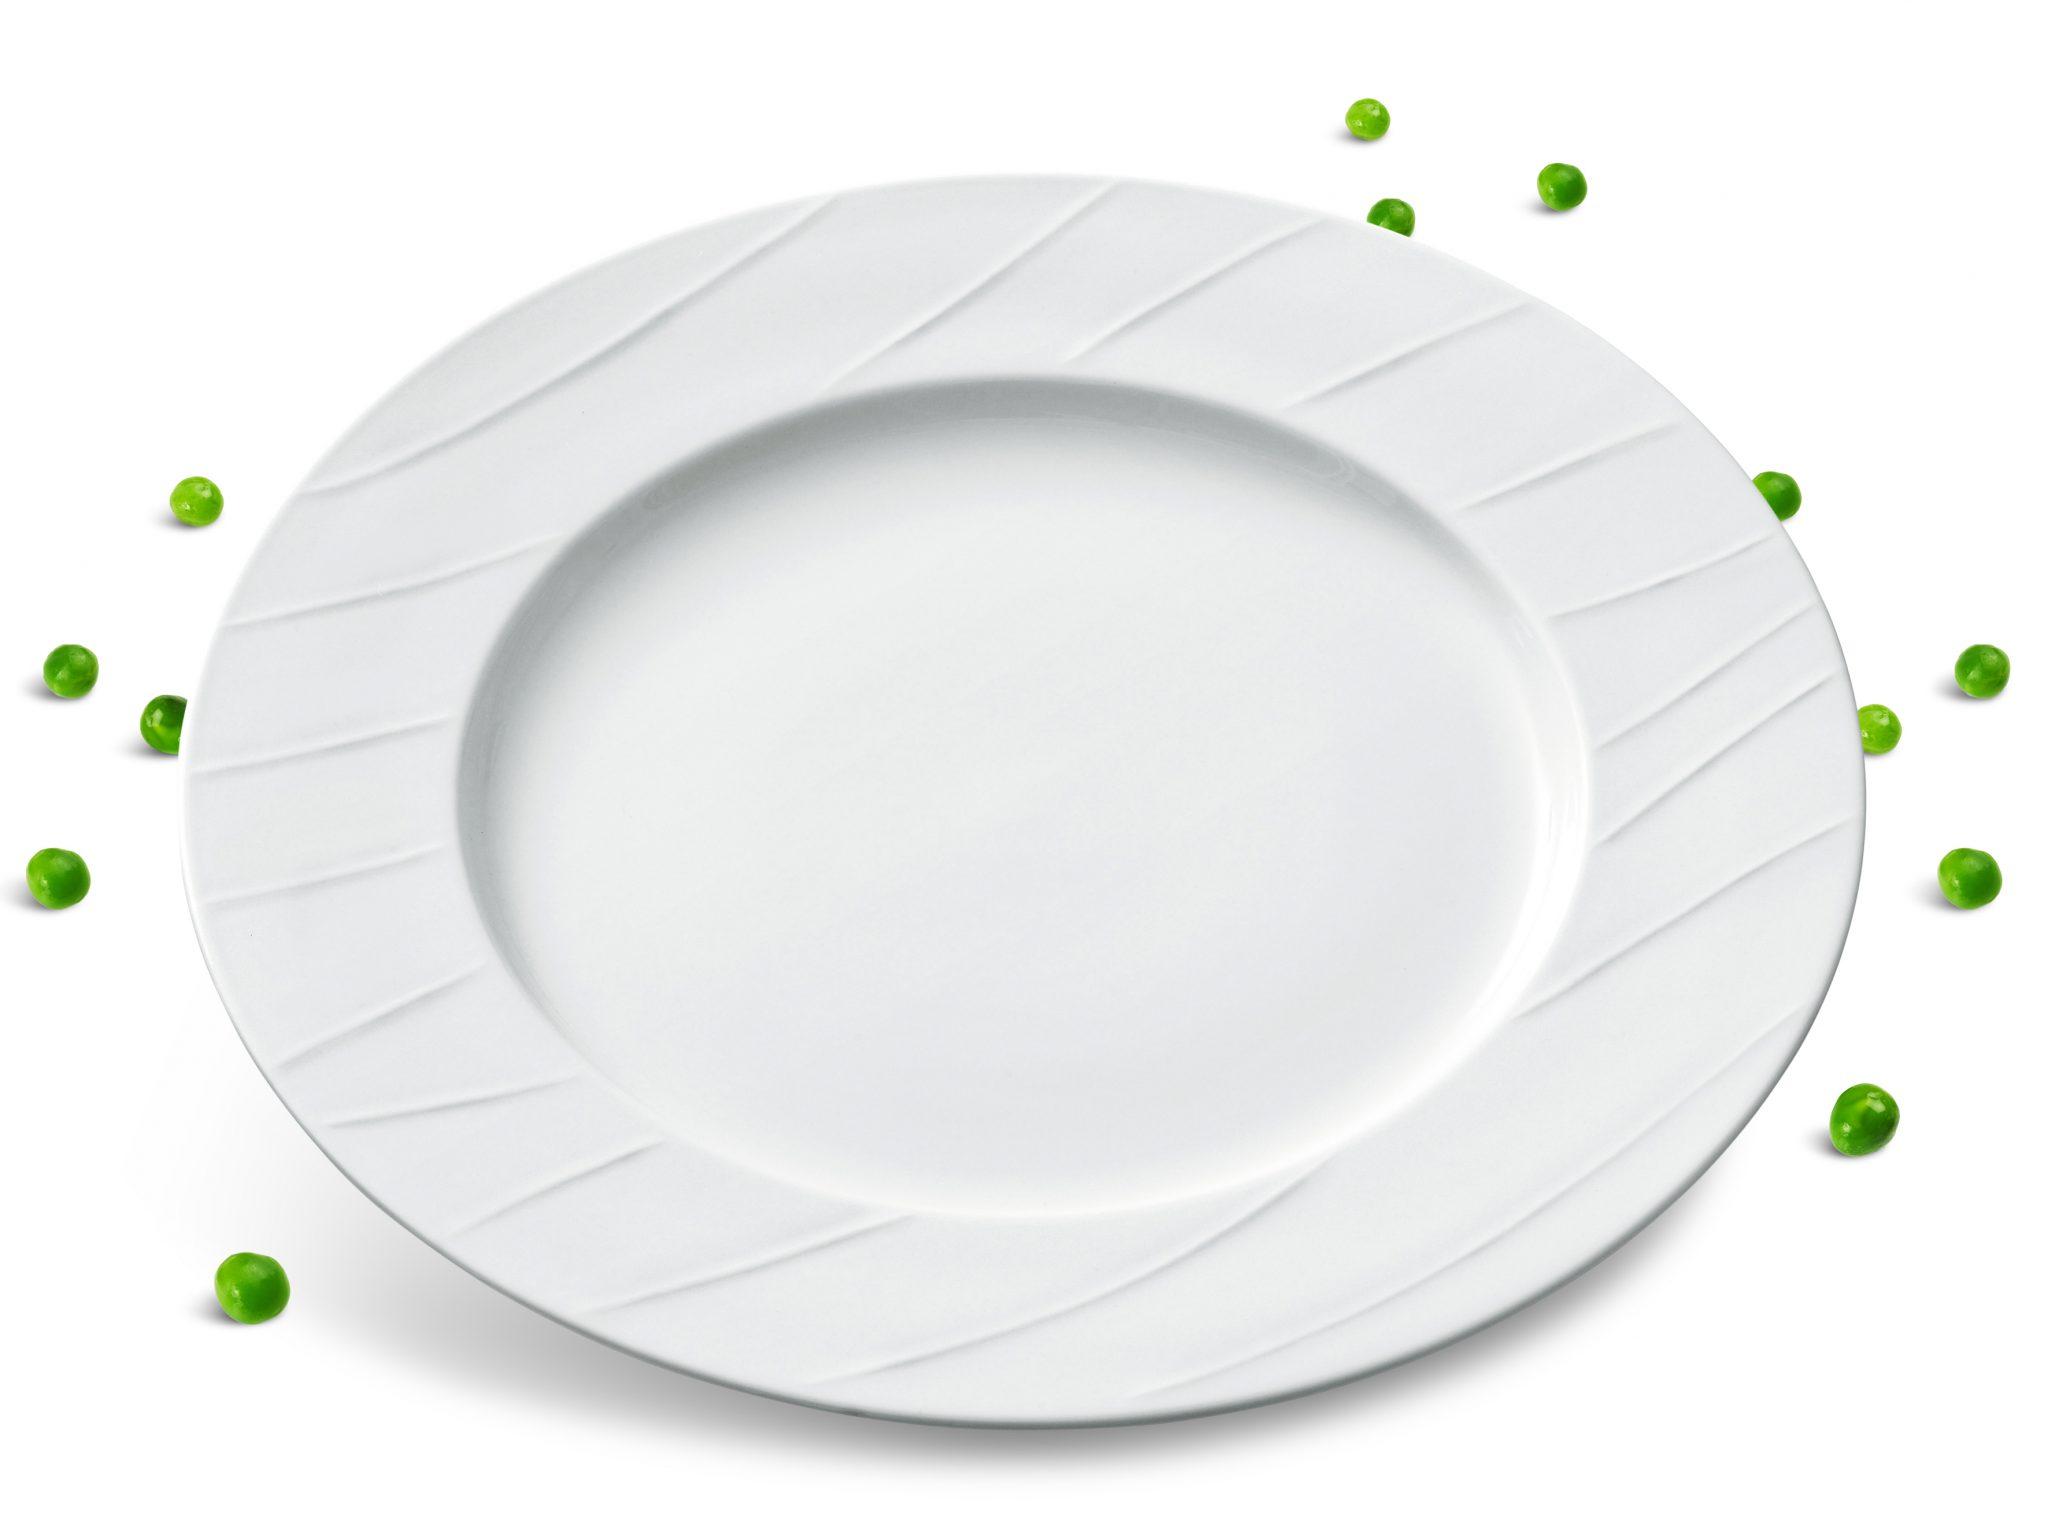 丹麥 nuance 極簡沙拉餐盤組 27CM (4PCS)